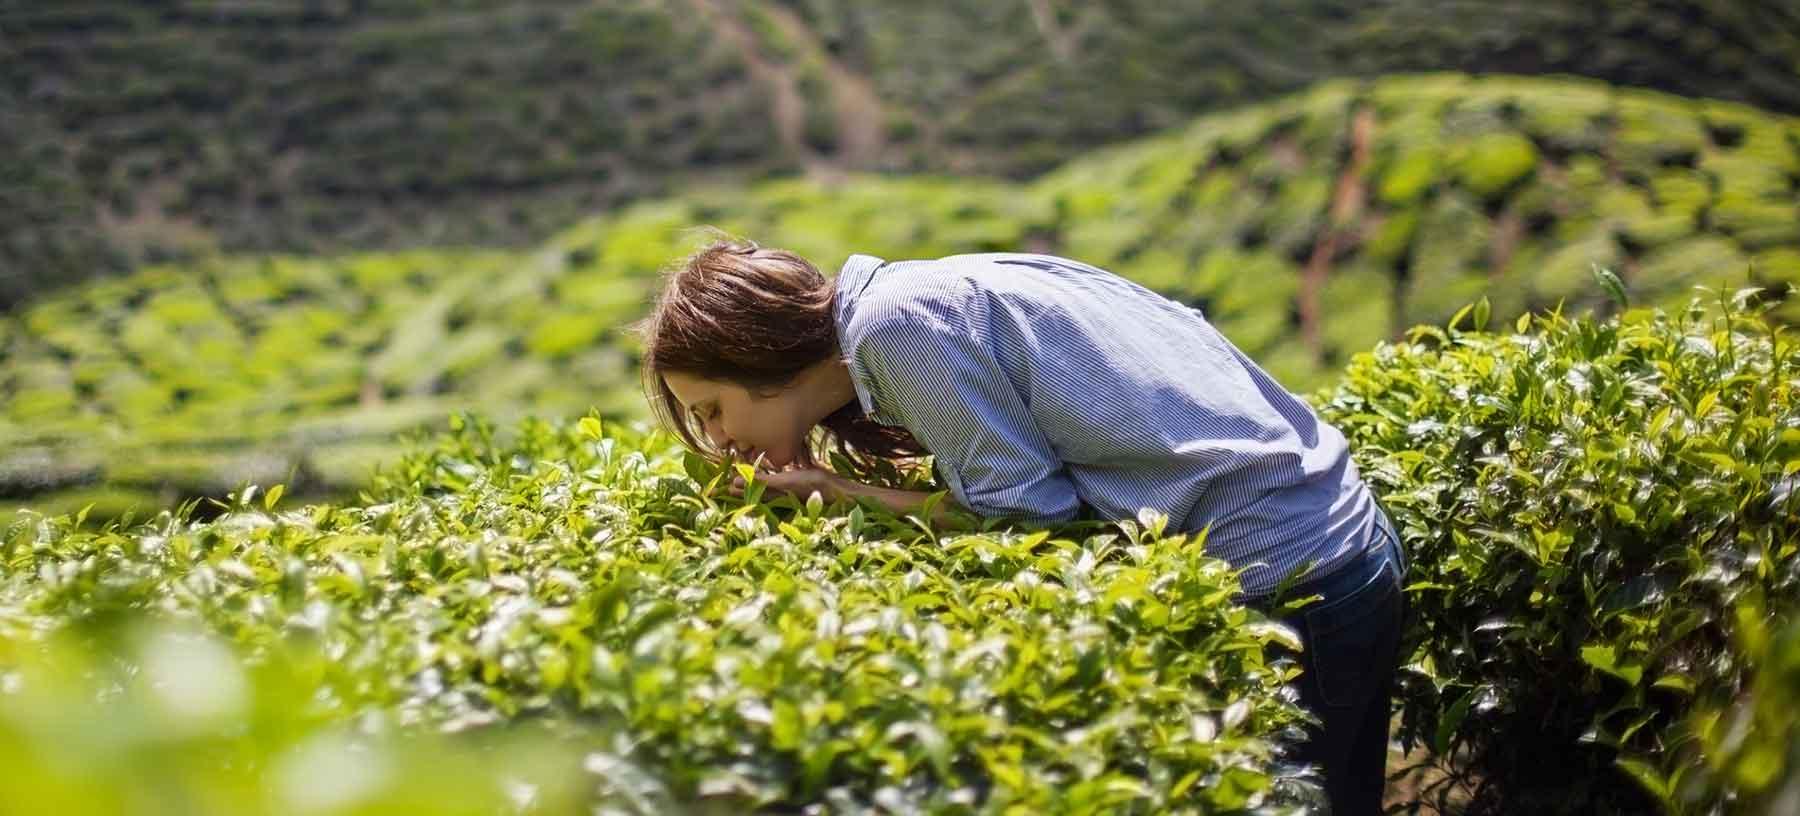 Aromaterapia ricordi benessere annusare